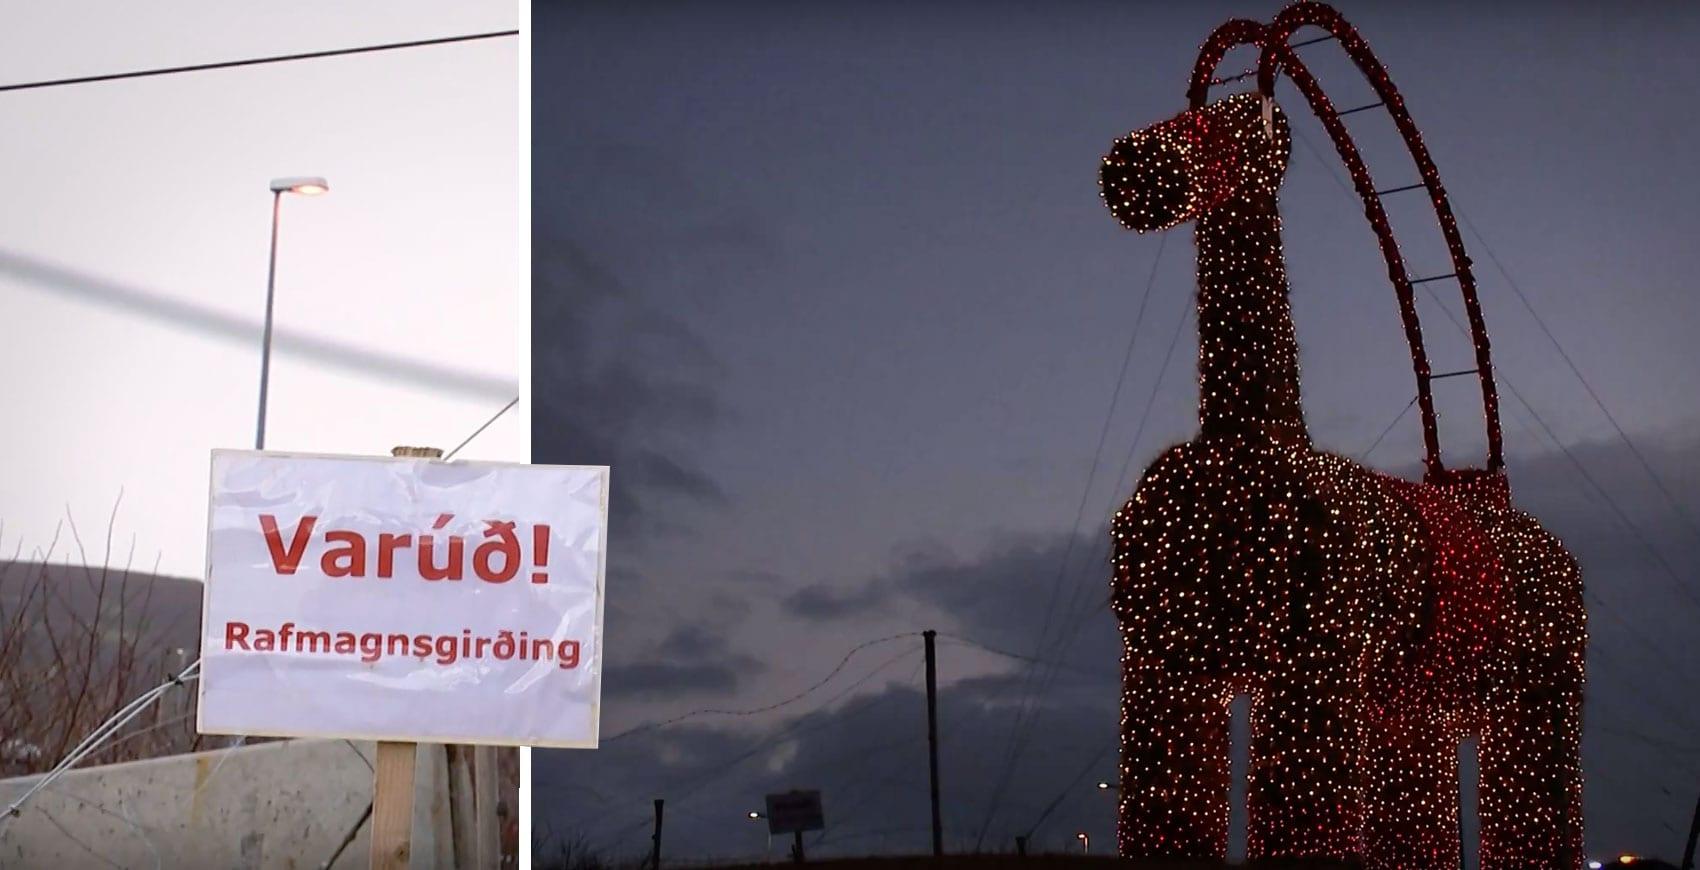 """Þrír ungir piltar reyndu að kveikja í Jólageit IKEA: """"Fengu taugaáfall þegar þeir sáu gæslubílinn"""""""